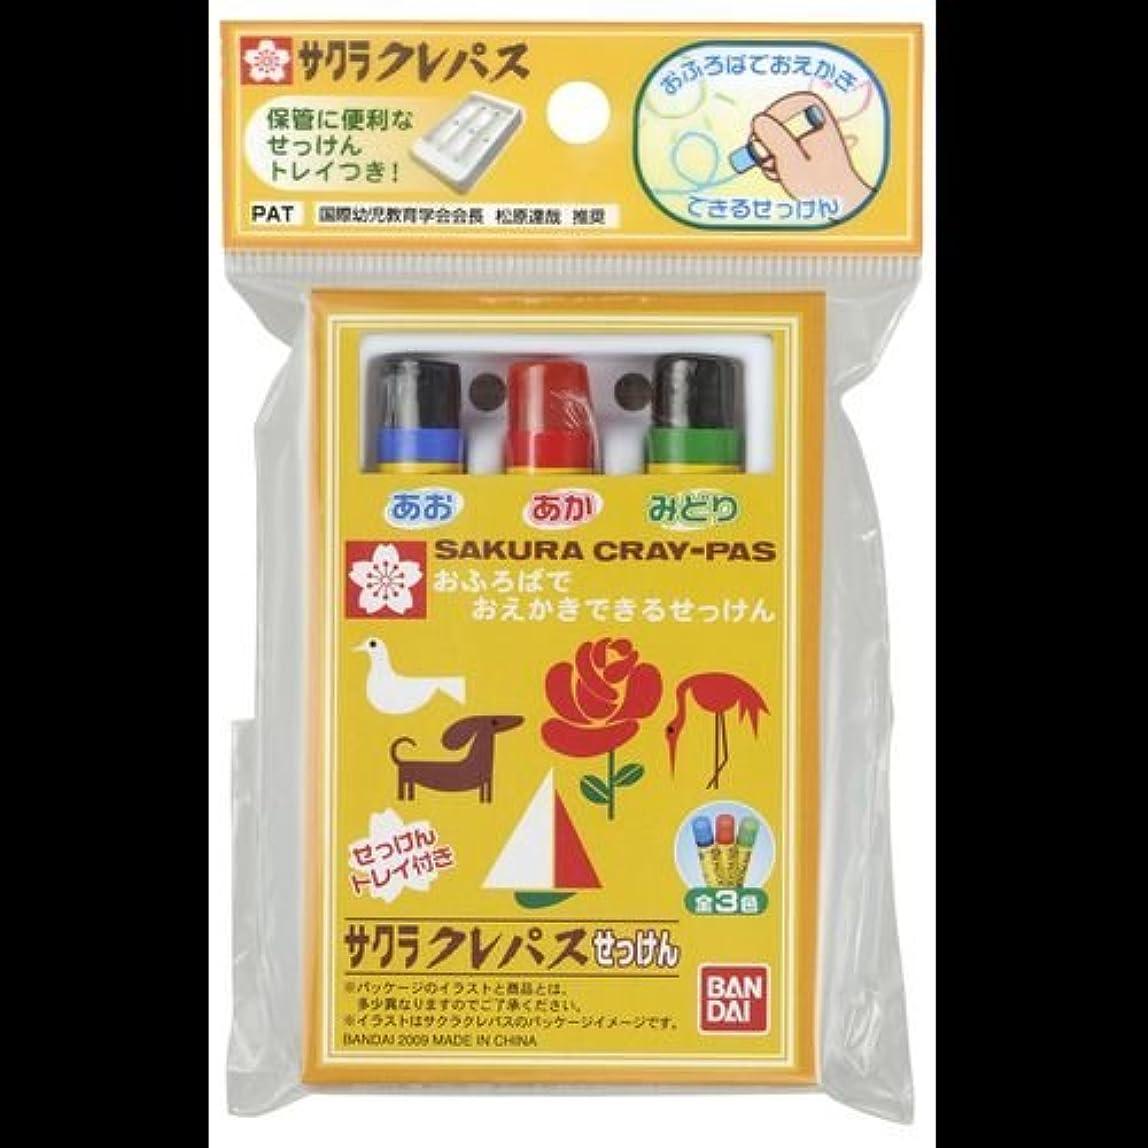 ガードオレンジオレンジ【まとめ買い】サクラクレパスせっけん ×2セット